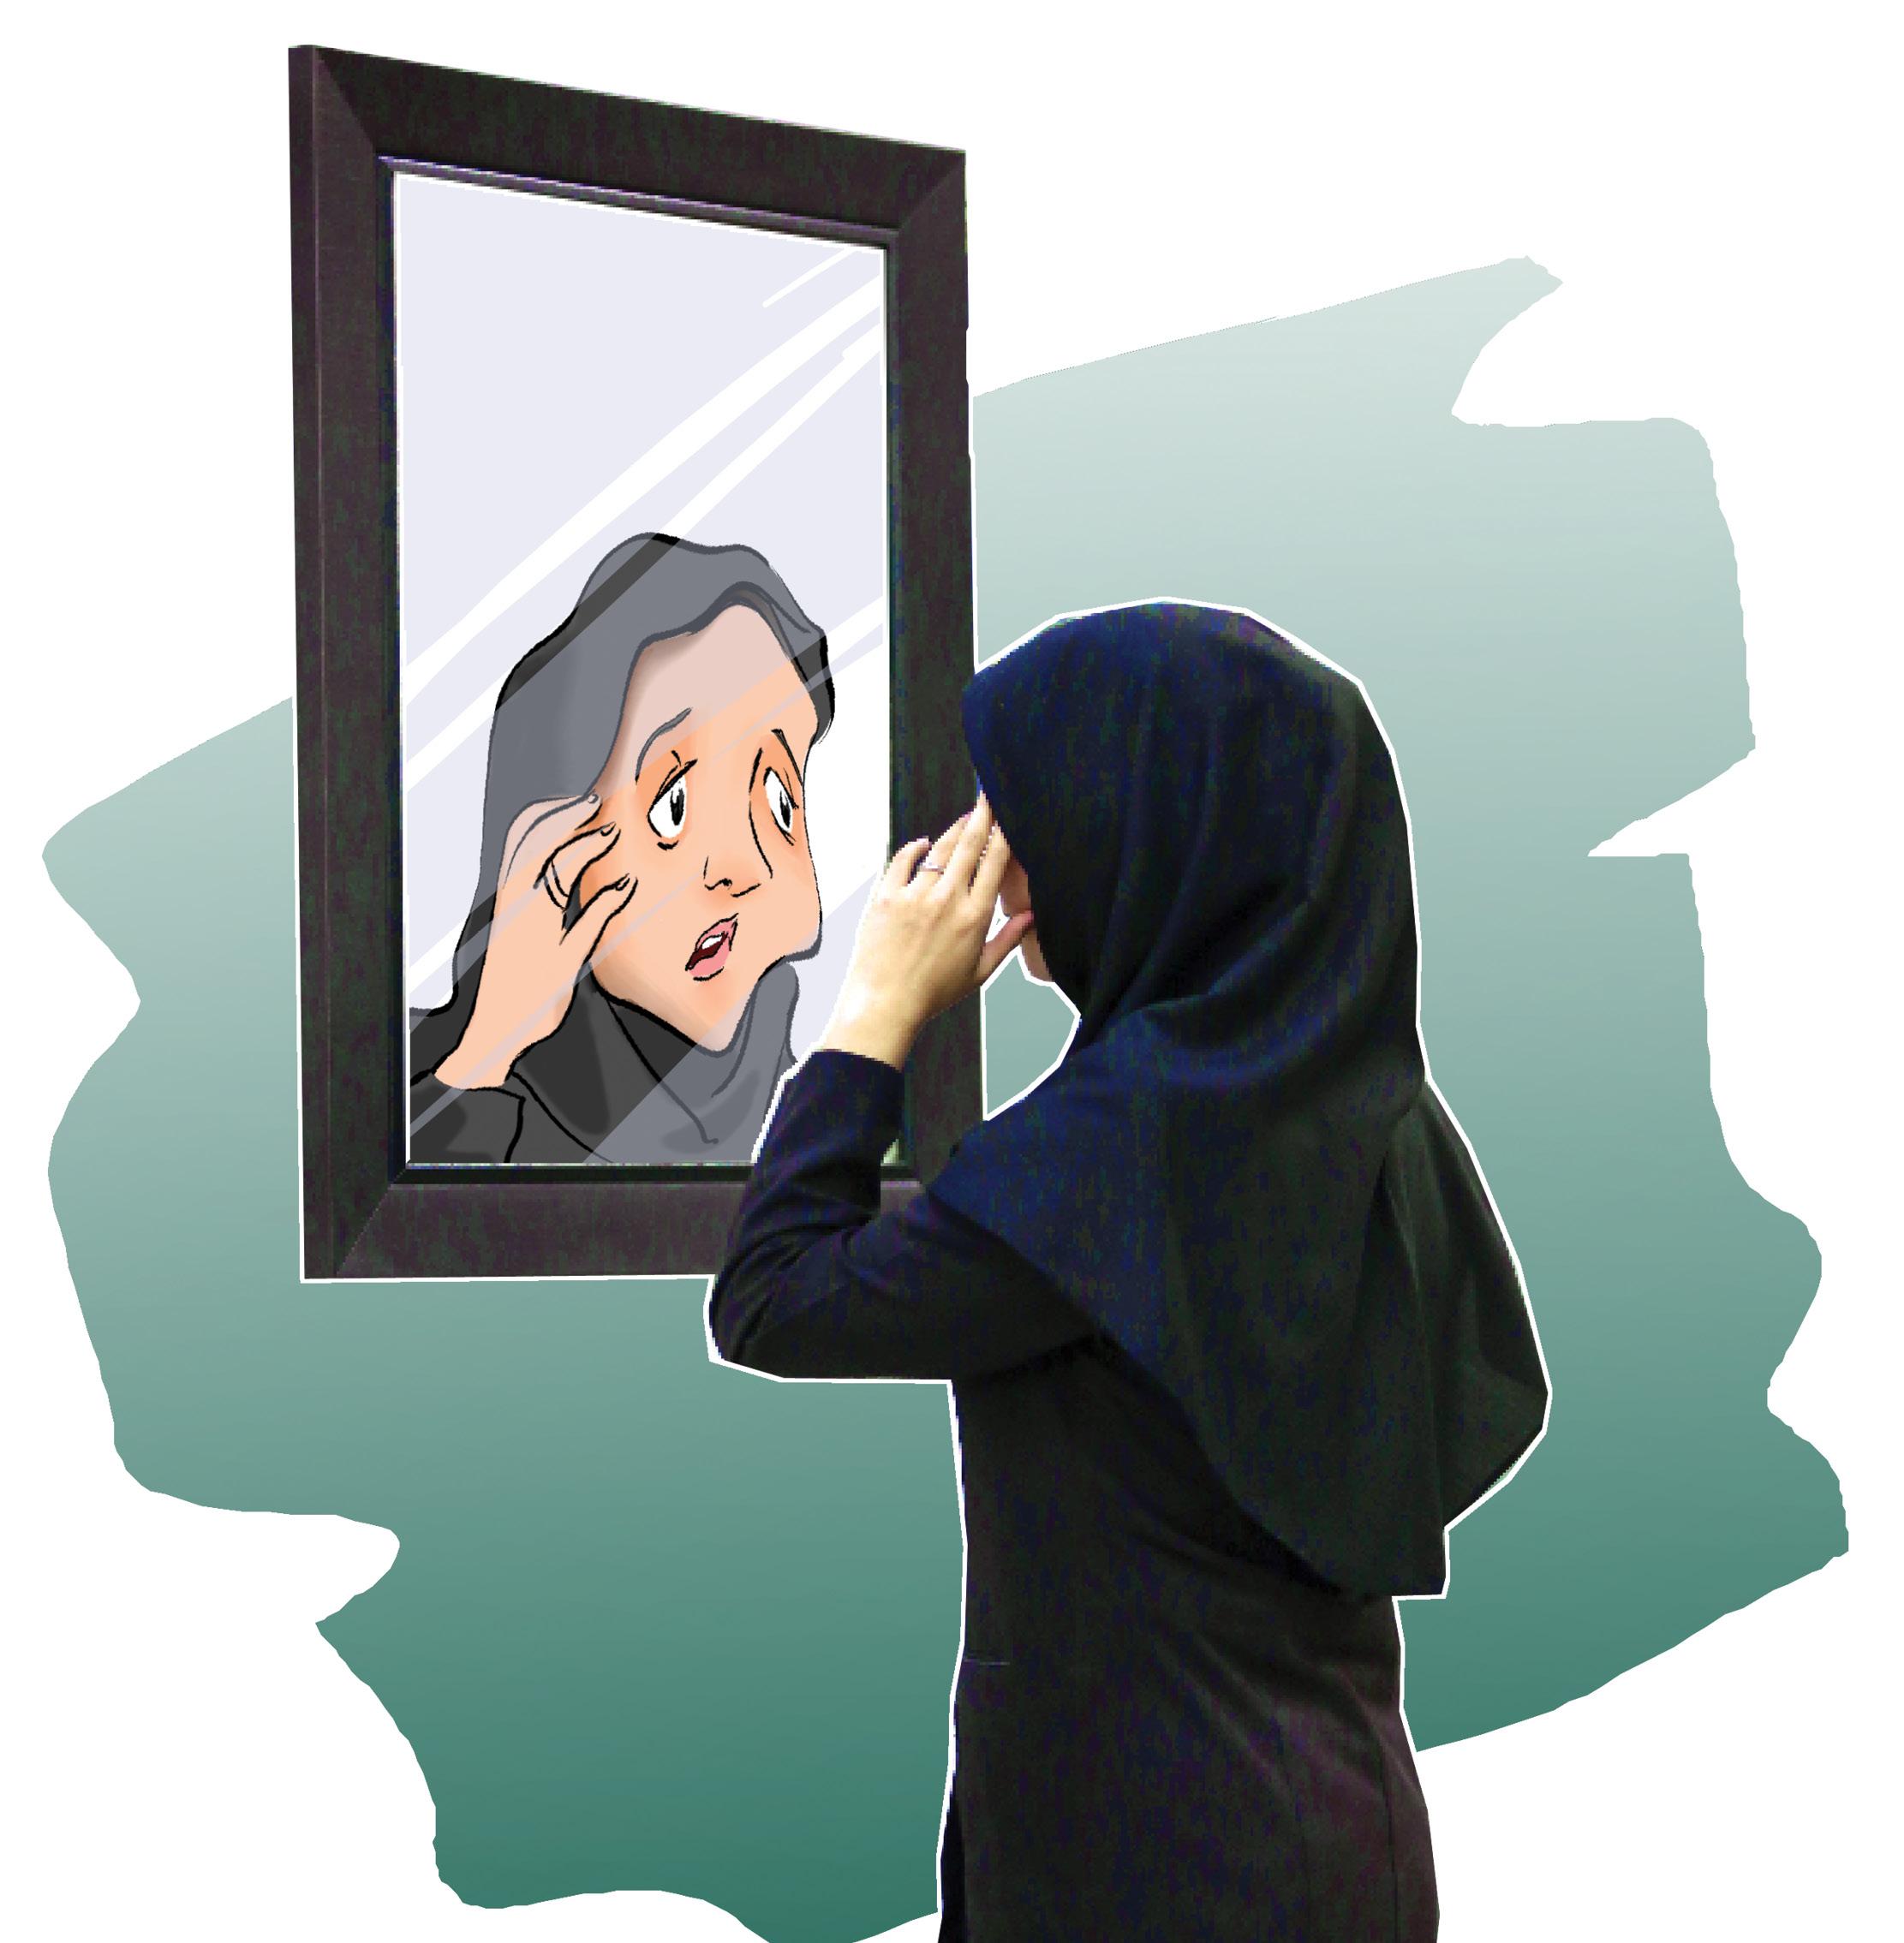 تصویرساز: سعید مرادی